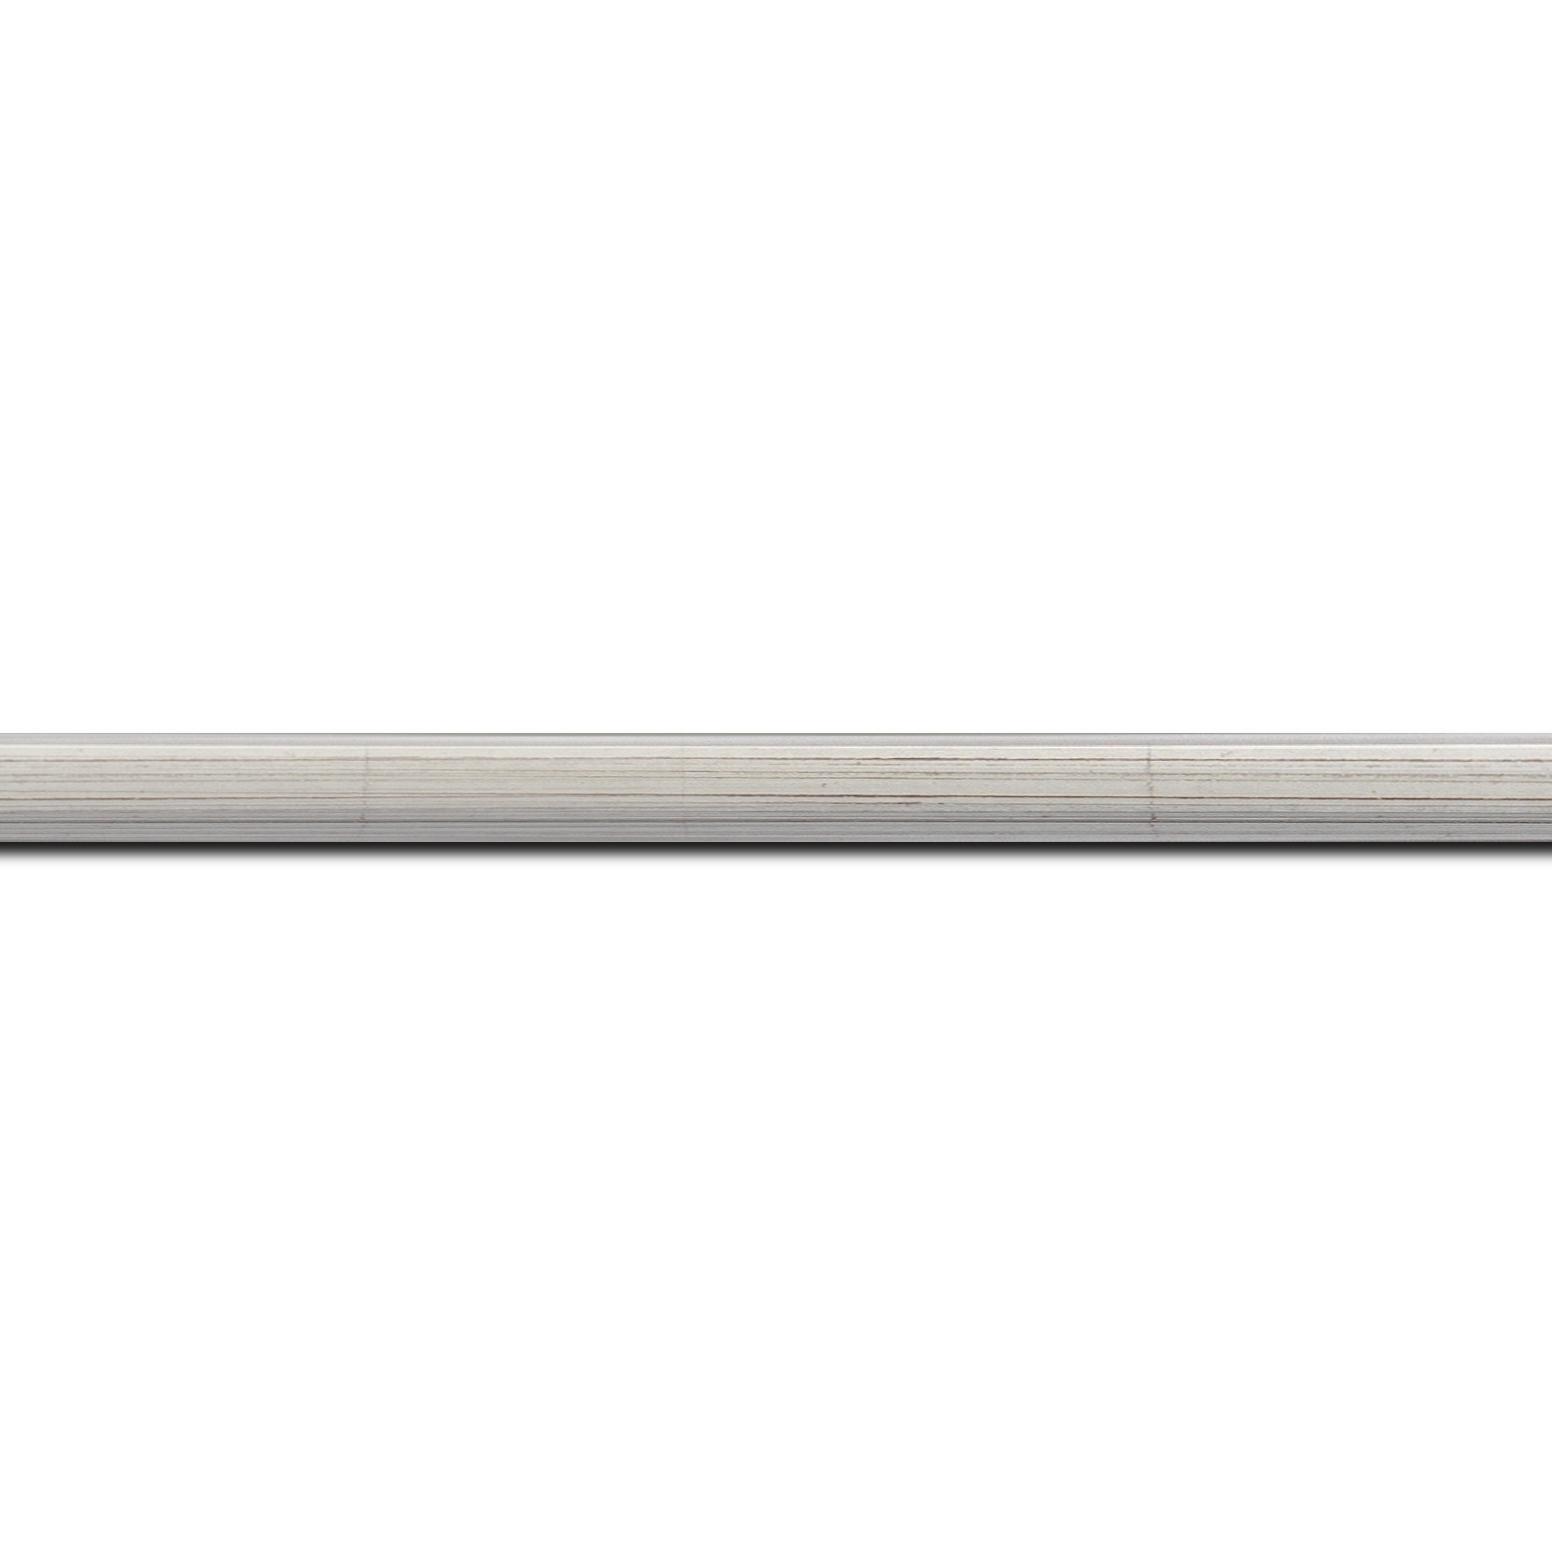 Baguette longueur 1.40m bois profil plat largeur 1.6cm argent patiné à la feuille nez chanfrein